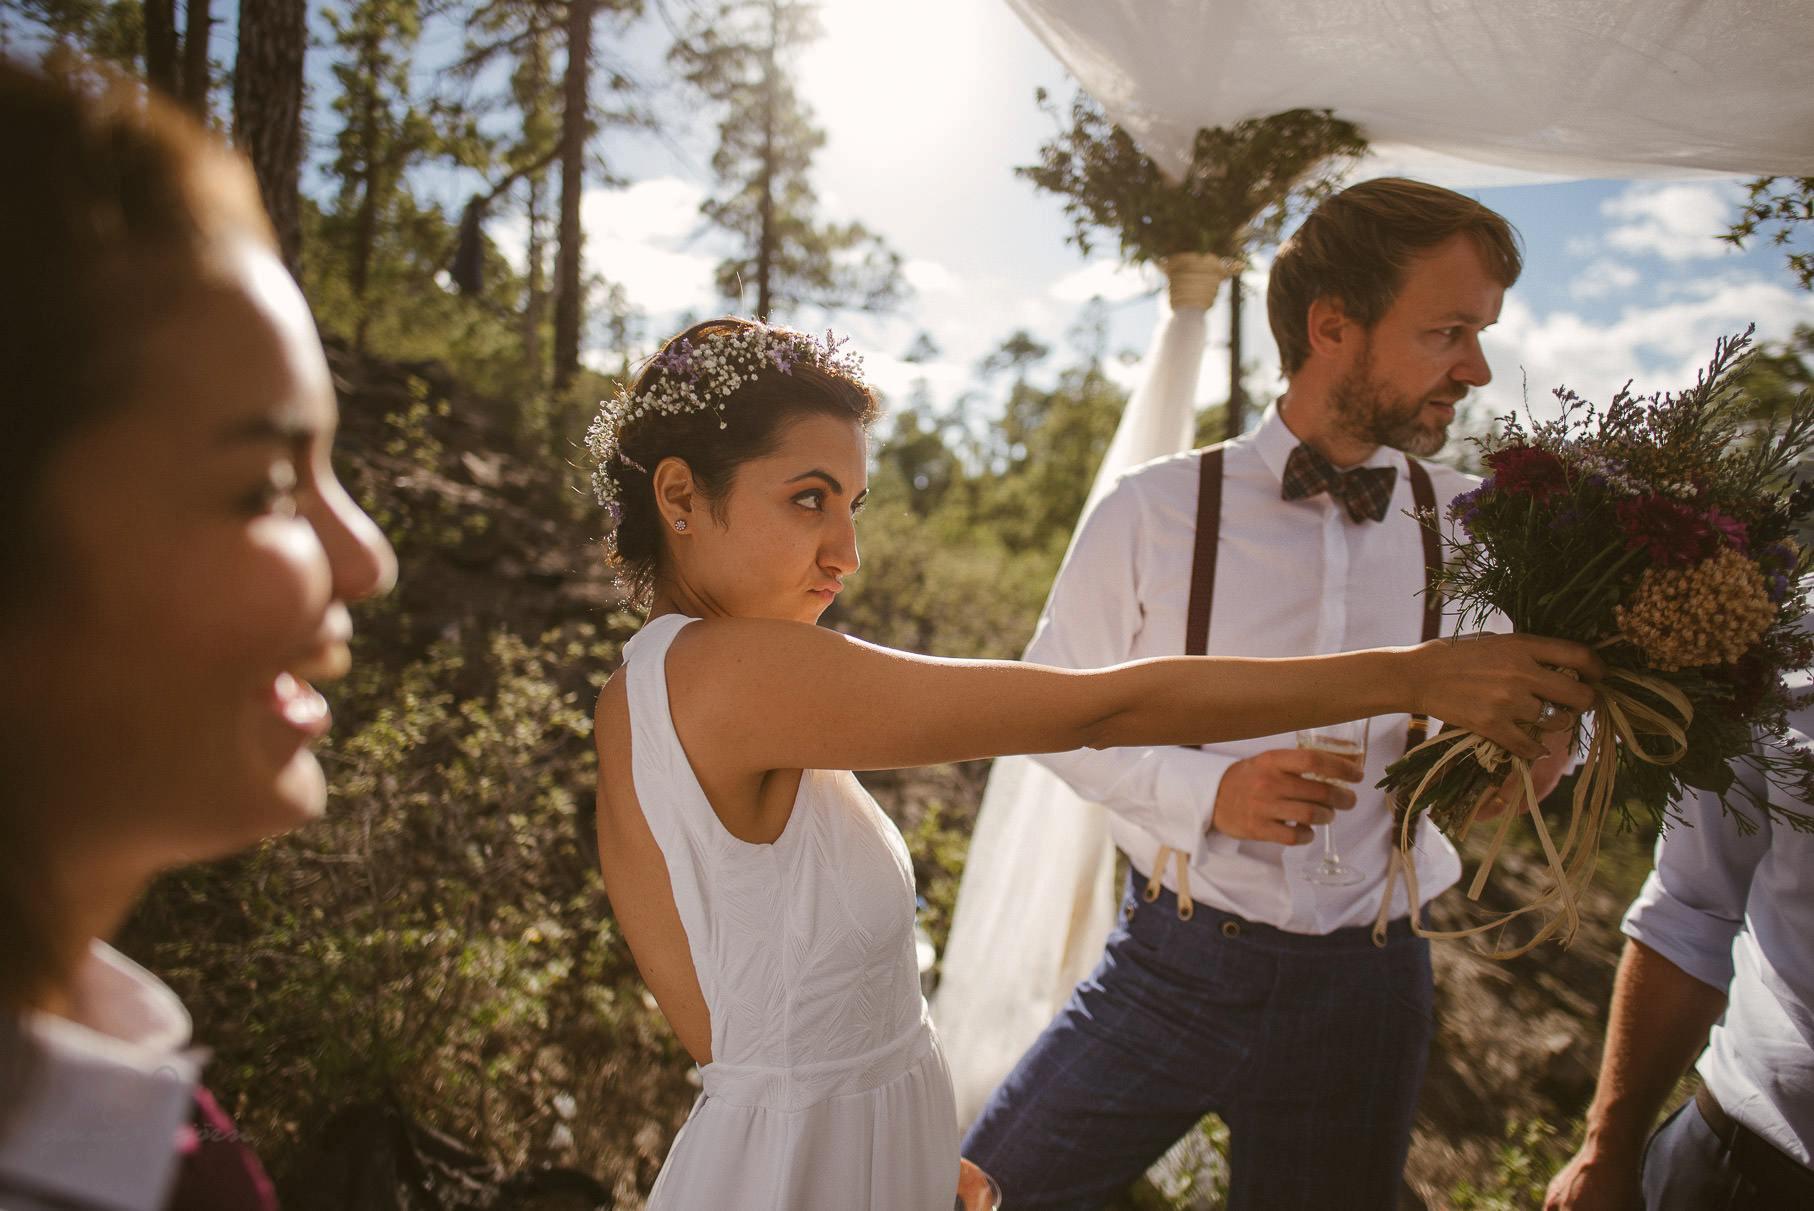 0088 lug d75 6752 - Hochzeit auf Gran Canaria - Linda & Gerald (Elopement)